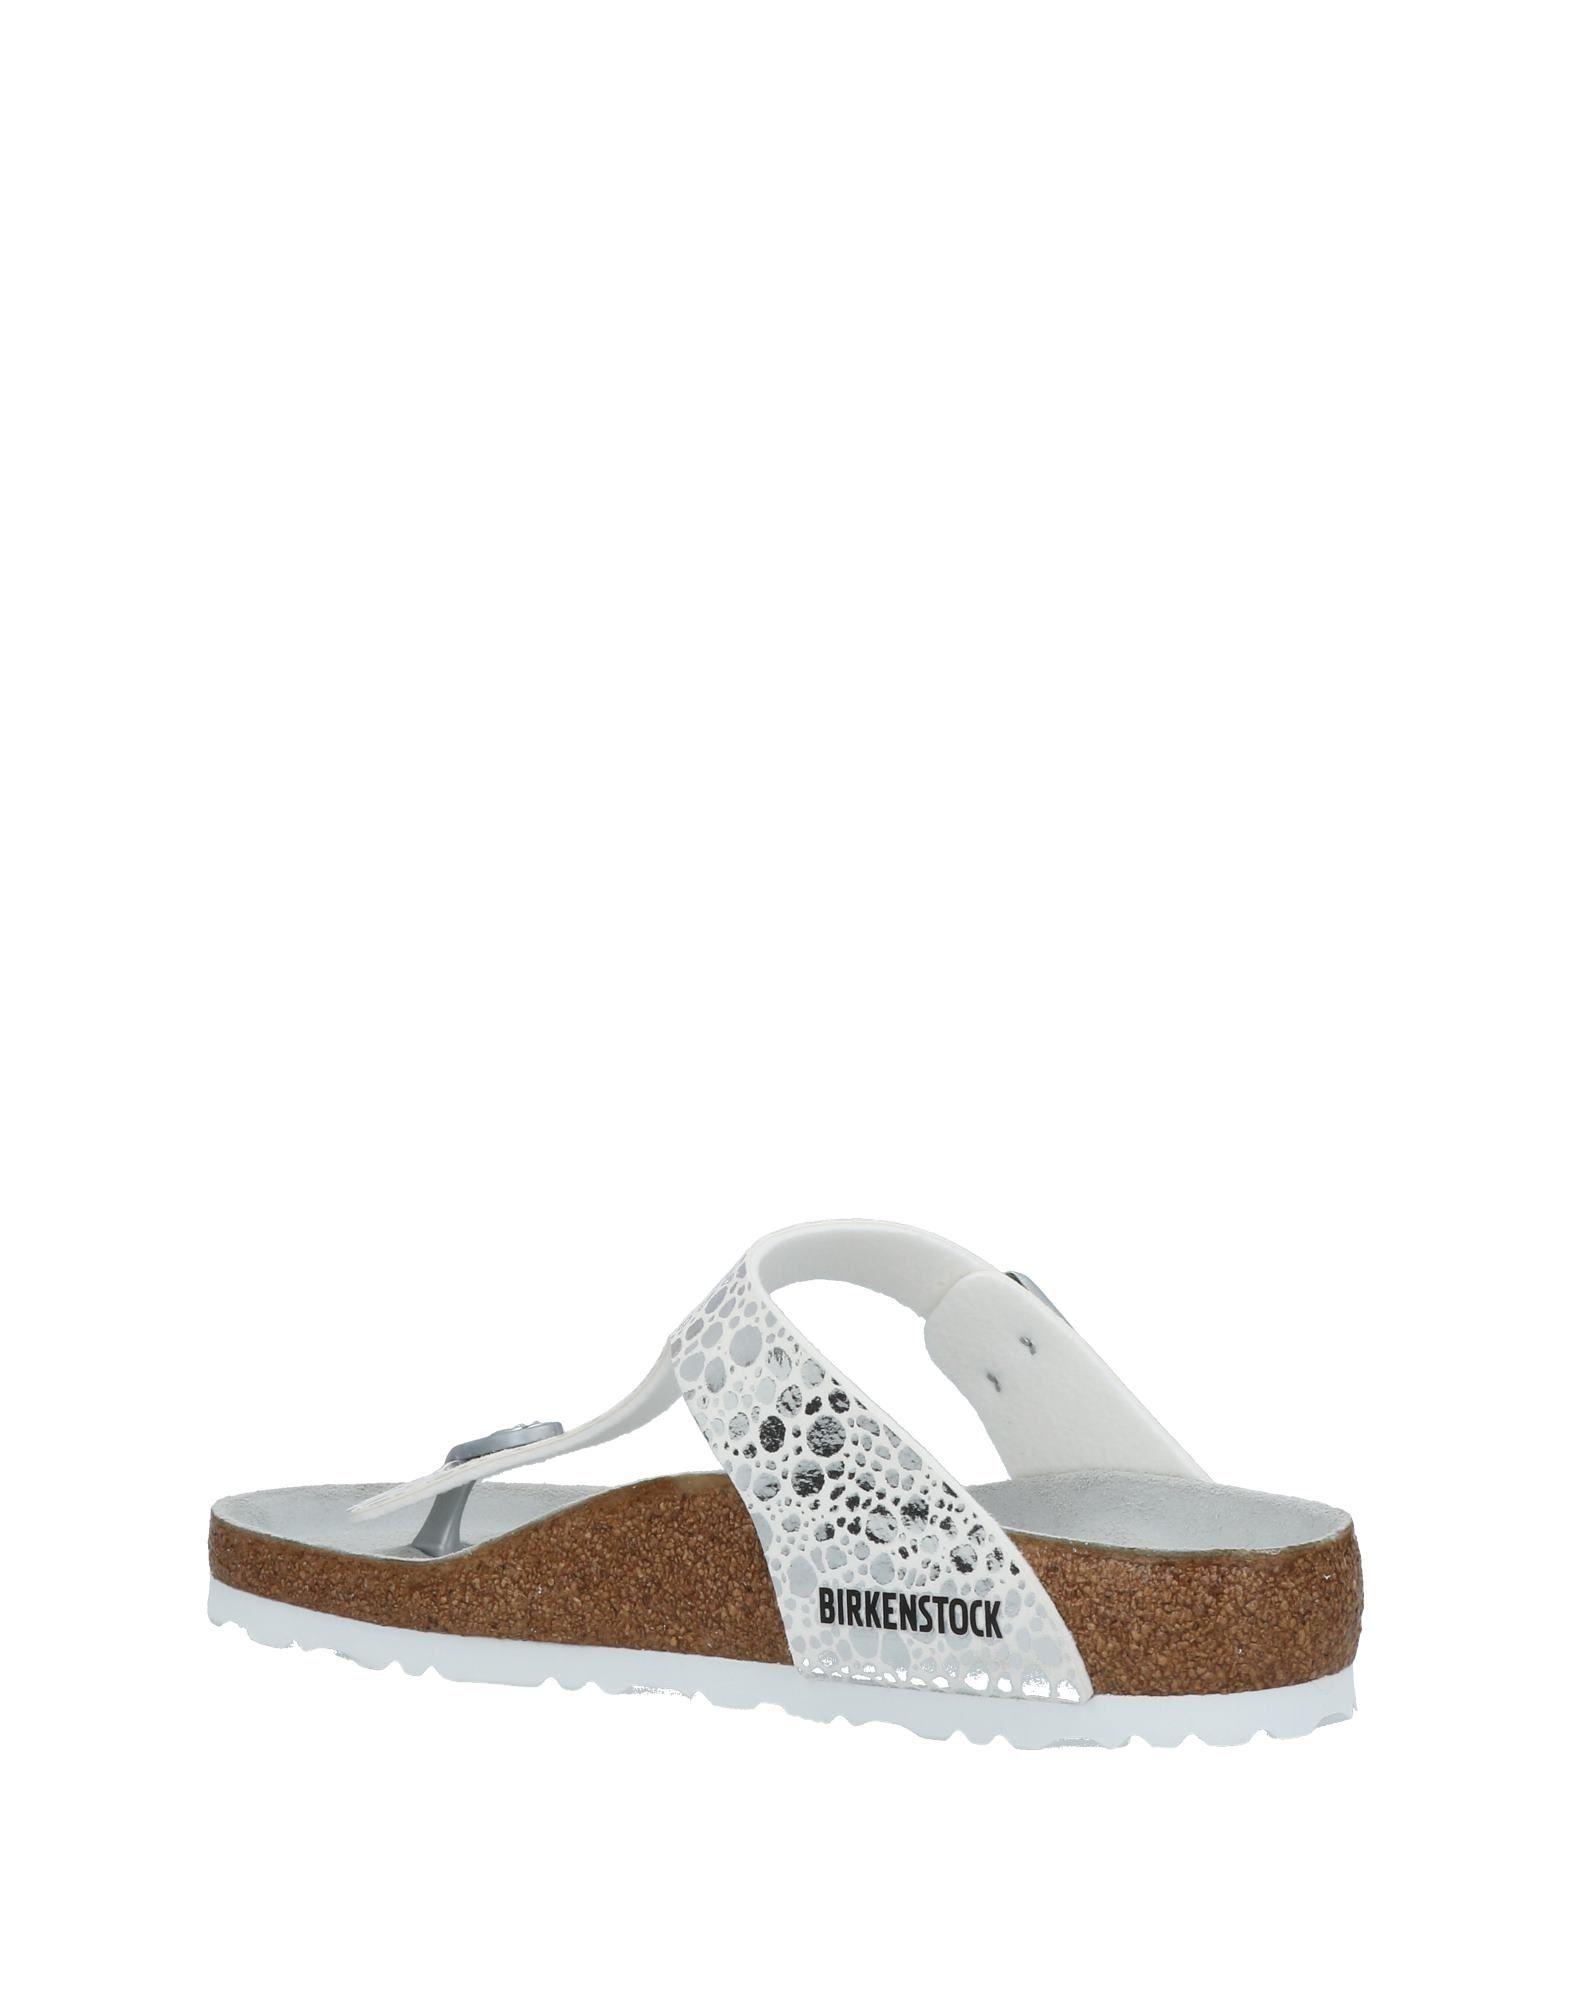 Birkenstock 11445613XT Dianetten Damen  11445613XT Birkenstock Gute Qualität beliebte Schuhe e2151c